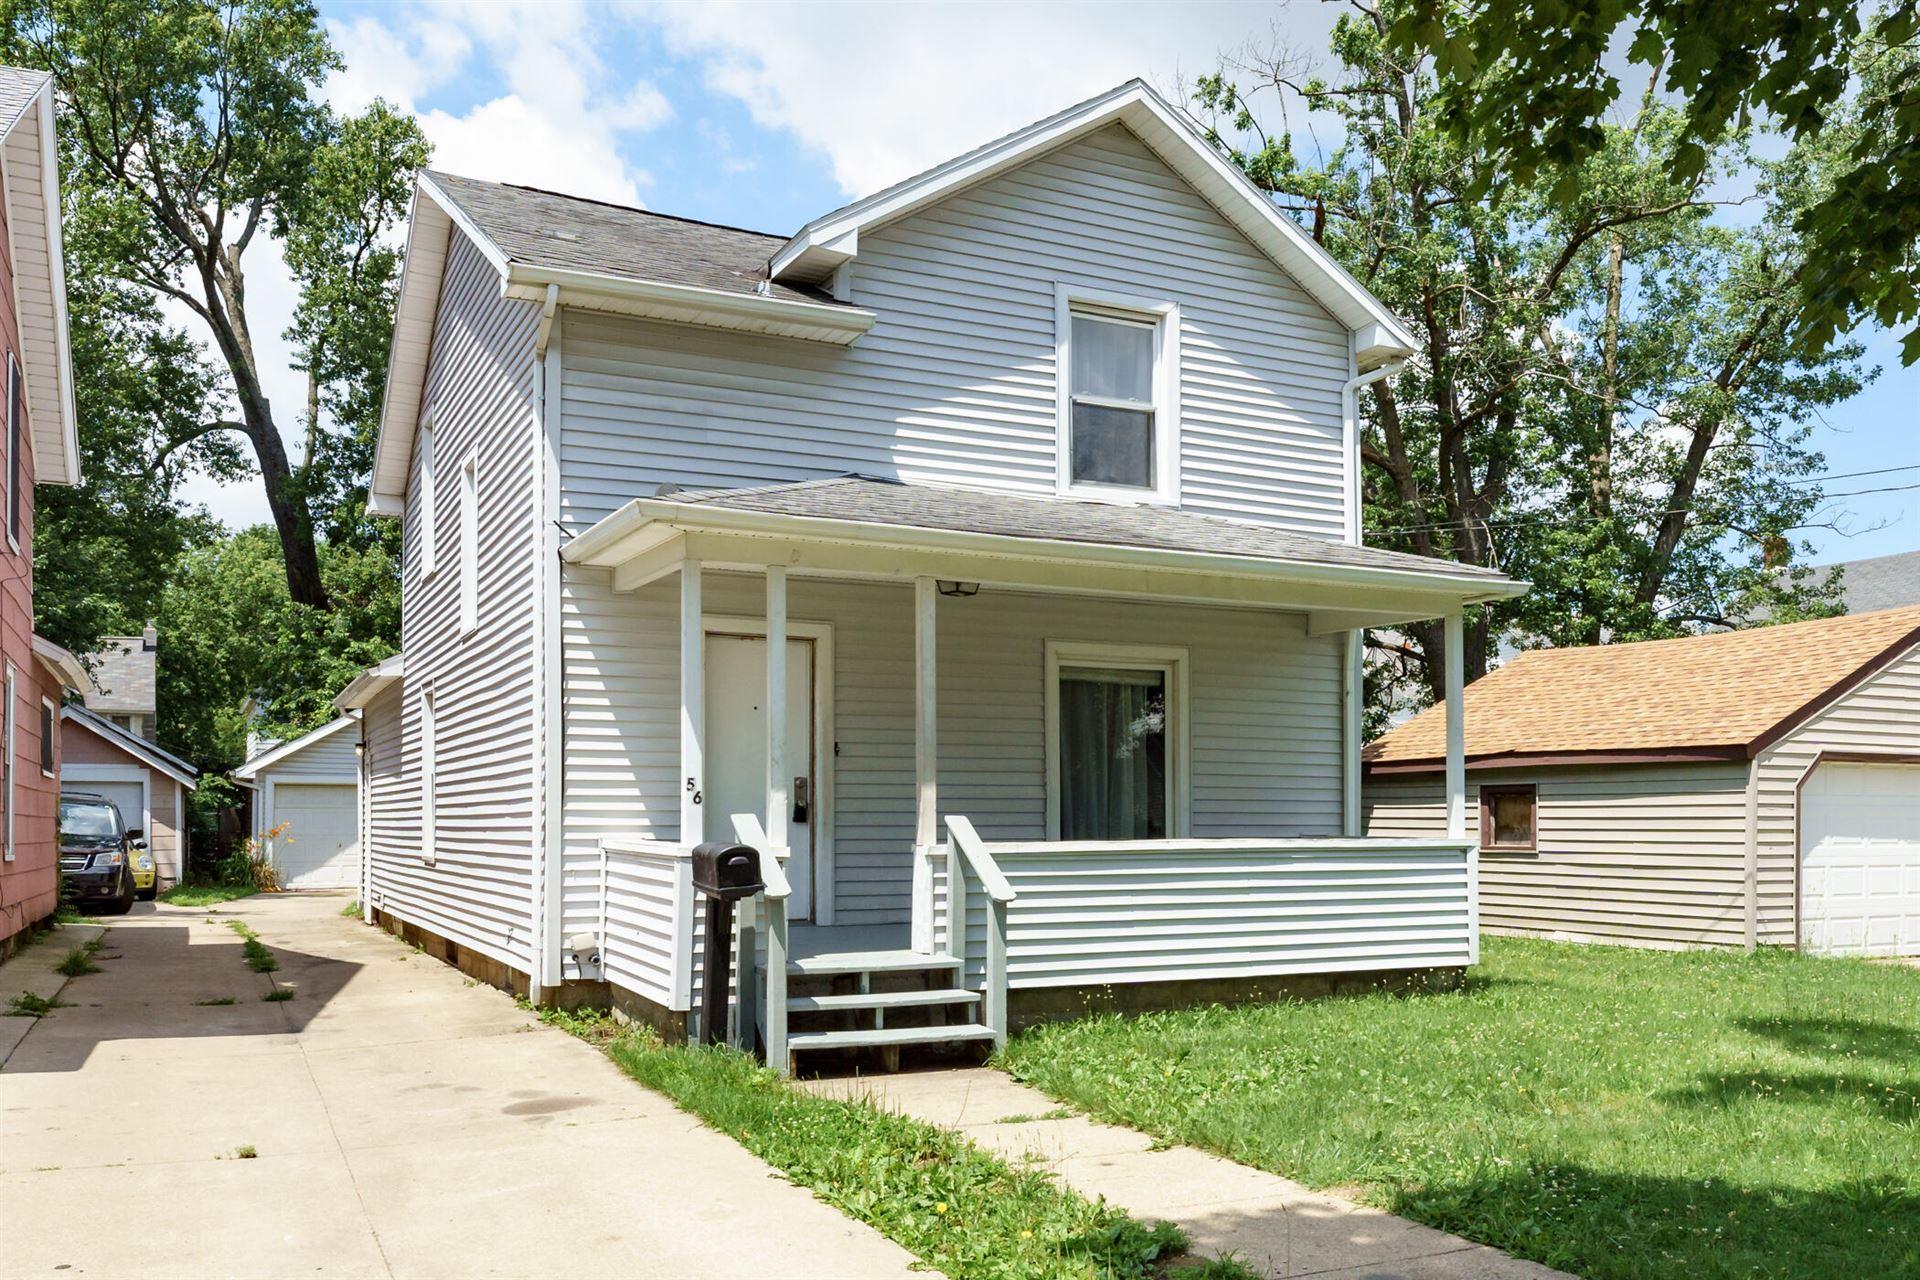 56 Marjorie Street, Battle Creek, MI 49014 - MLS#: 21025691